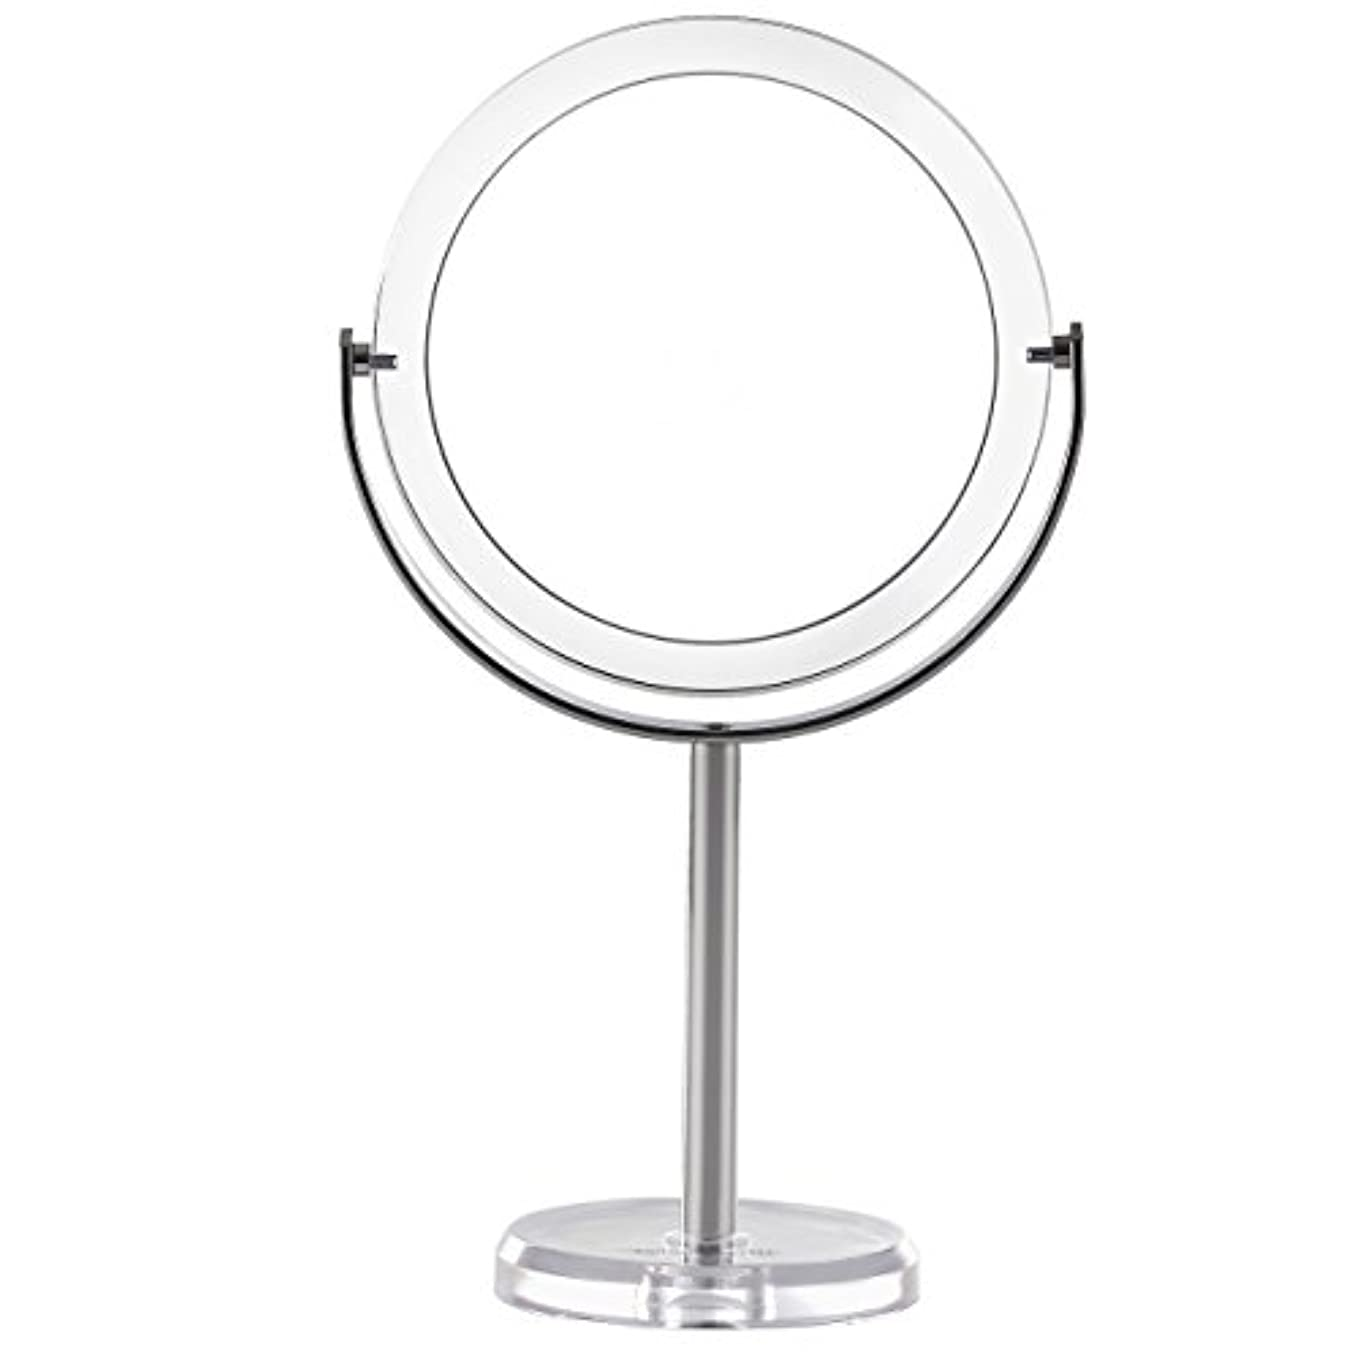 確認する極めてマーガレットミッチェルMiss Sweet 拡大鏡付き スタンドミラー 卓上化粧鏡 両面鏡 1倍*7倍 (Color 2 (1倍*7倍))